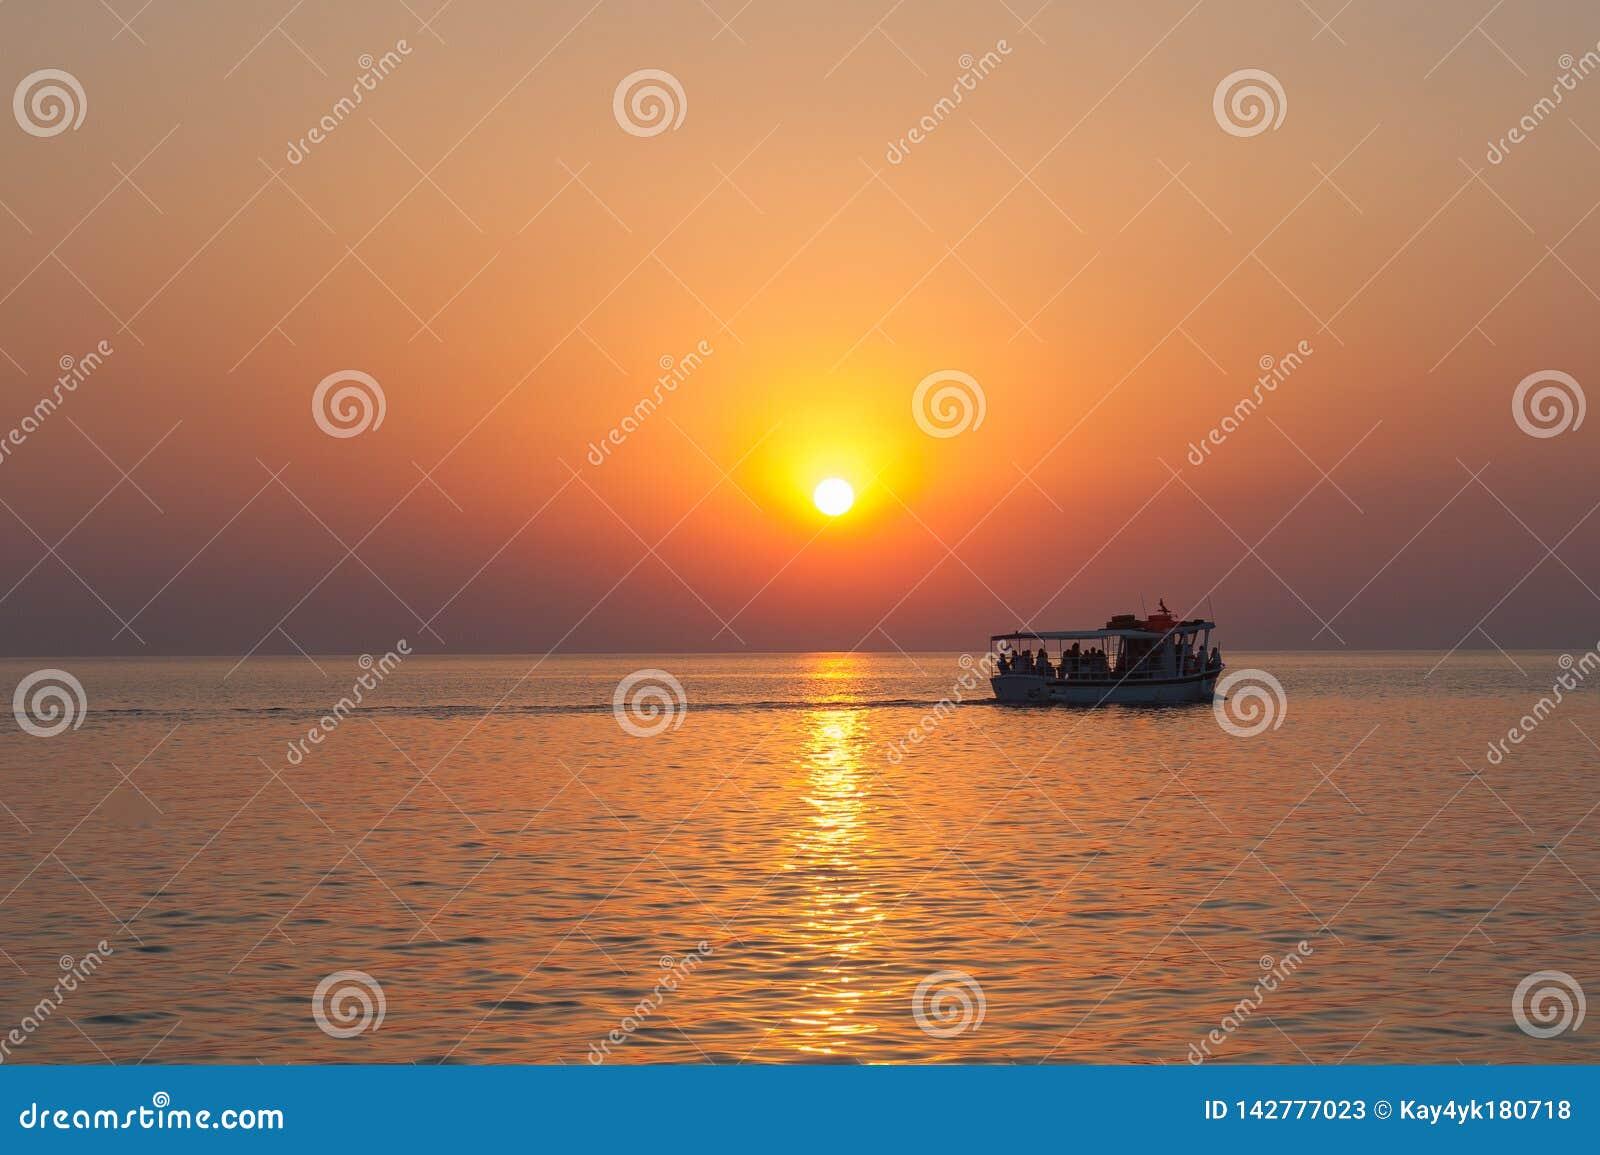 Jacht, łódź, łódź na horyzoncie i sylwetka piękny zmierzch, gorący zmierzch costa rejsy